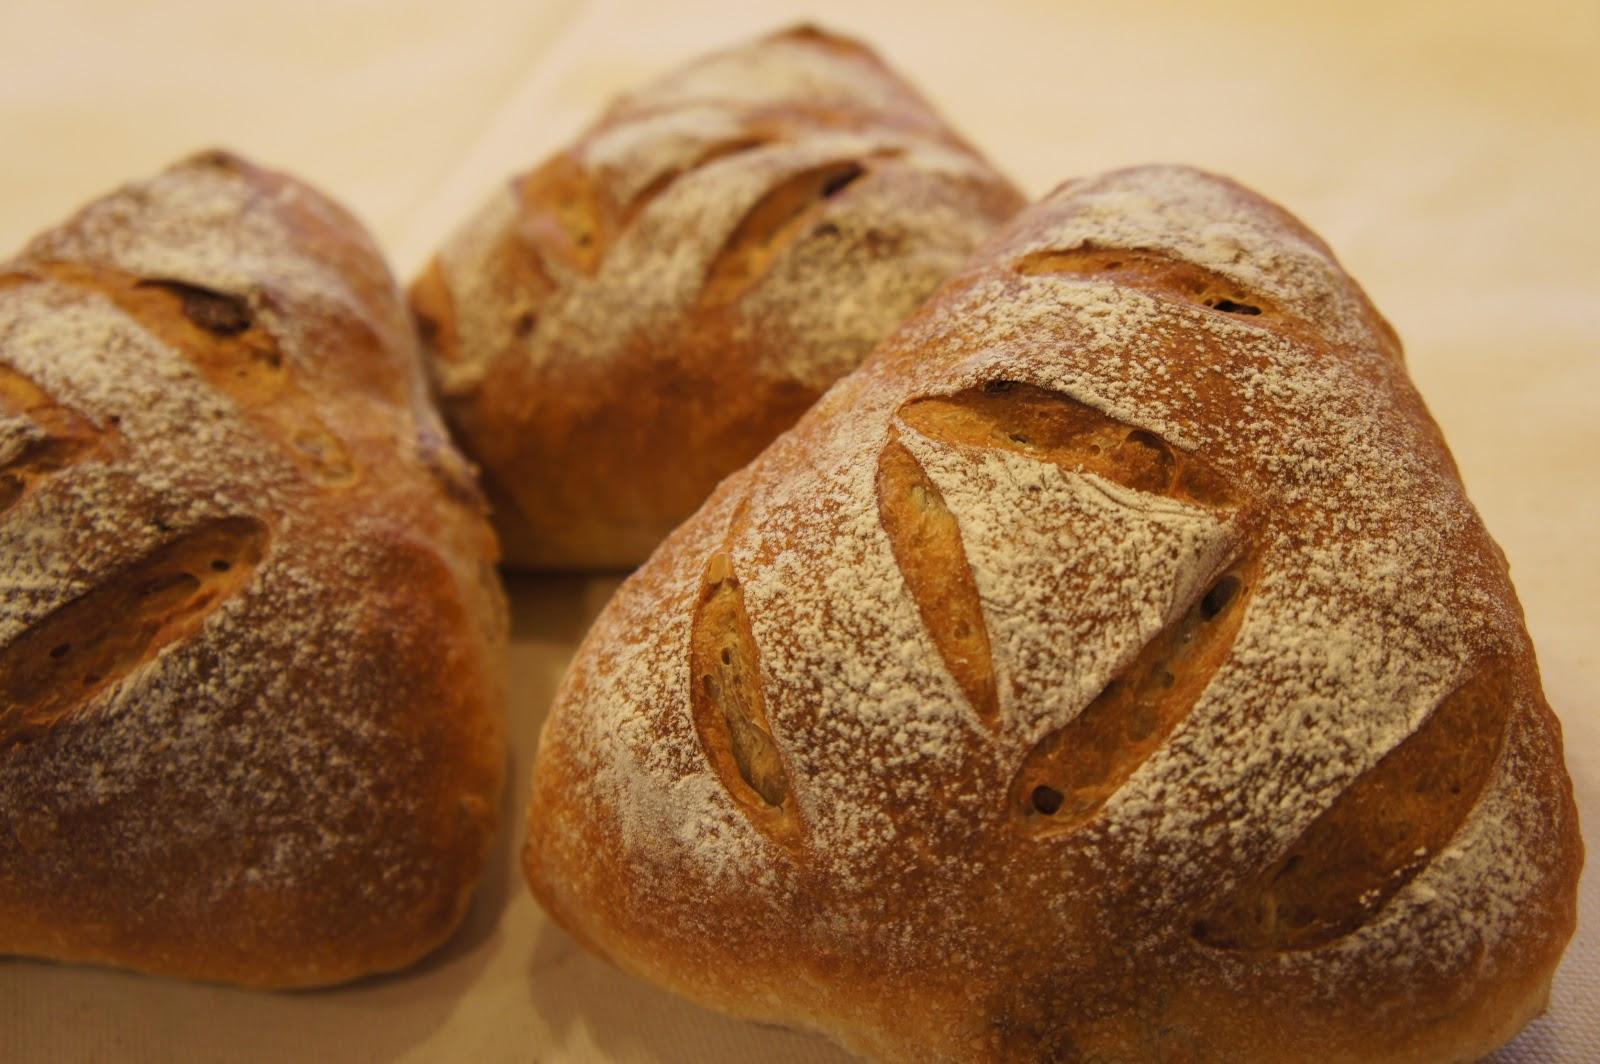 而 成 的 歐式 麵包 超 有 成就感 的 快樂 麵包